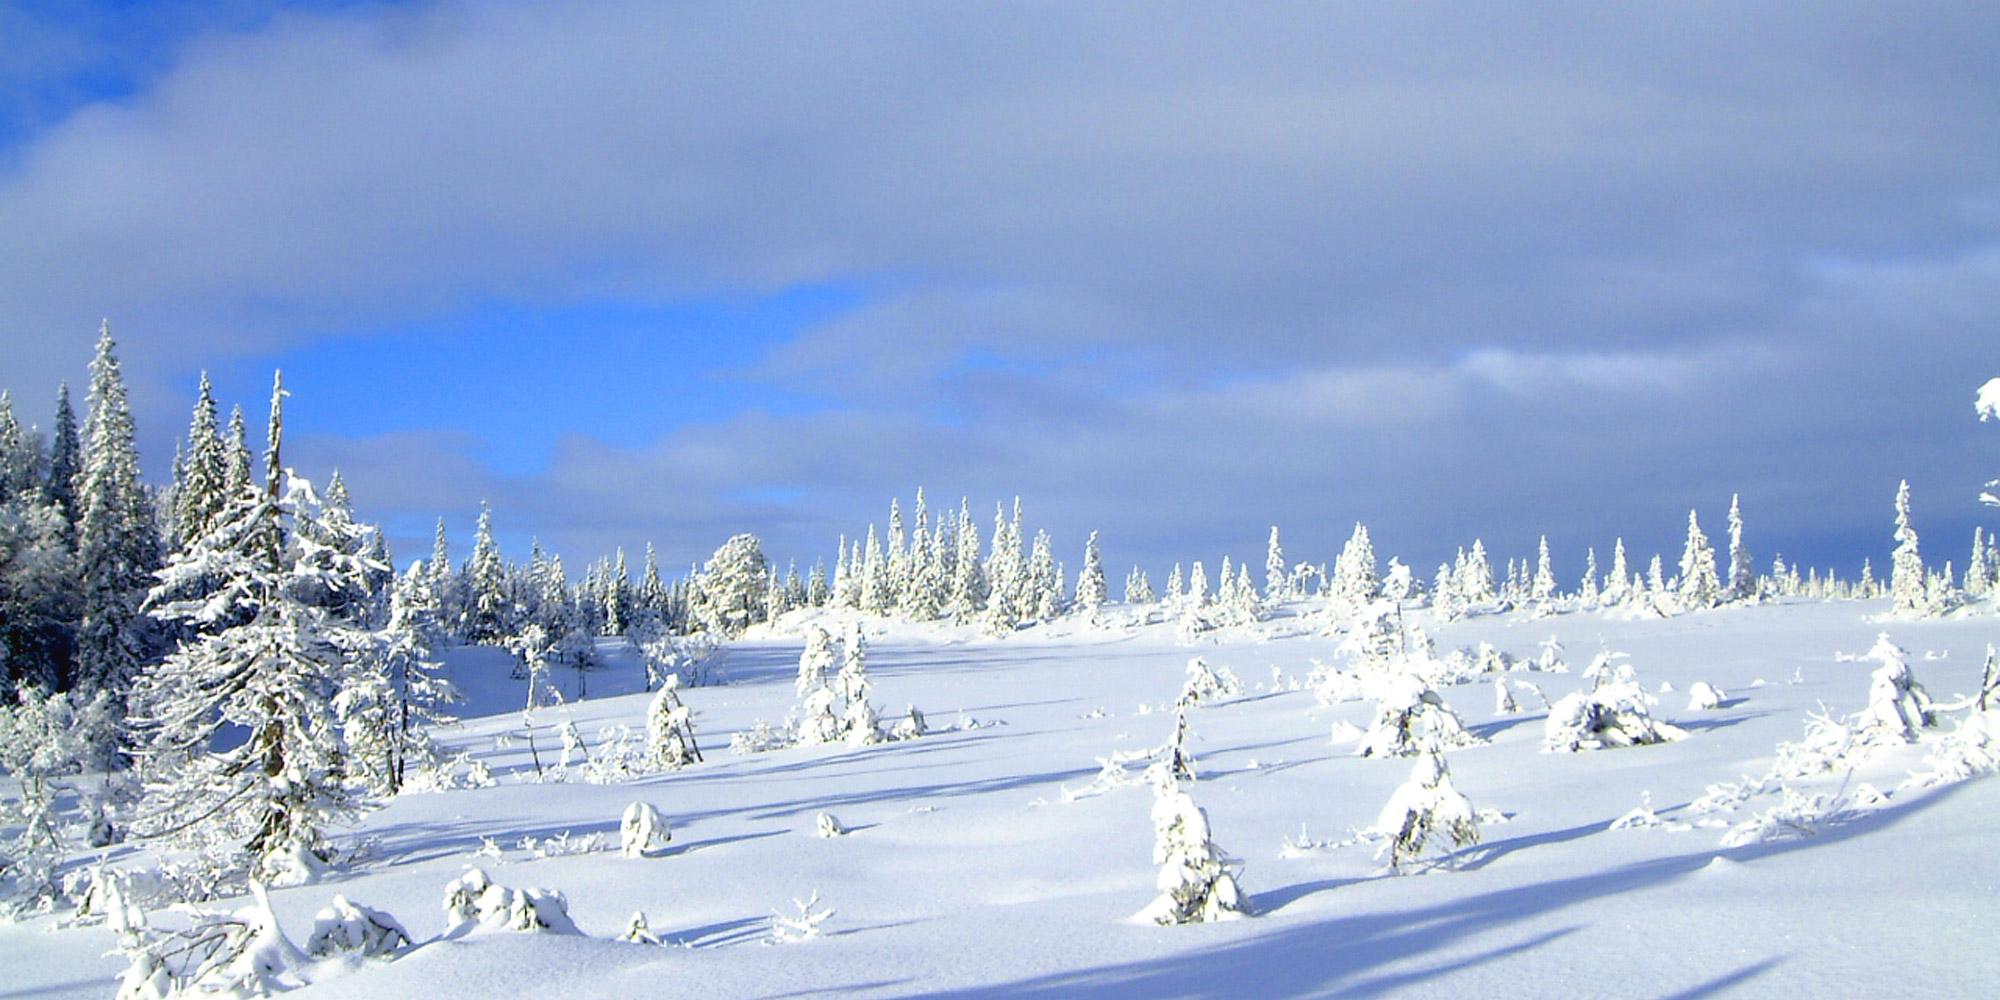 Idyllic Mount Skjækra in winter. Copyright: Steinkjer Kommuneskoger - Ogndalsbruket